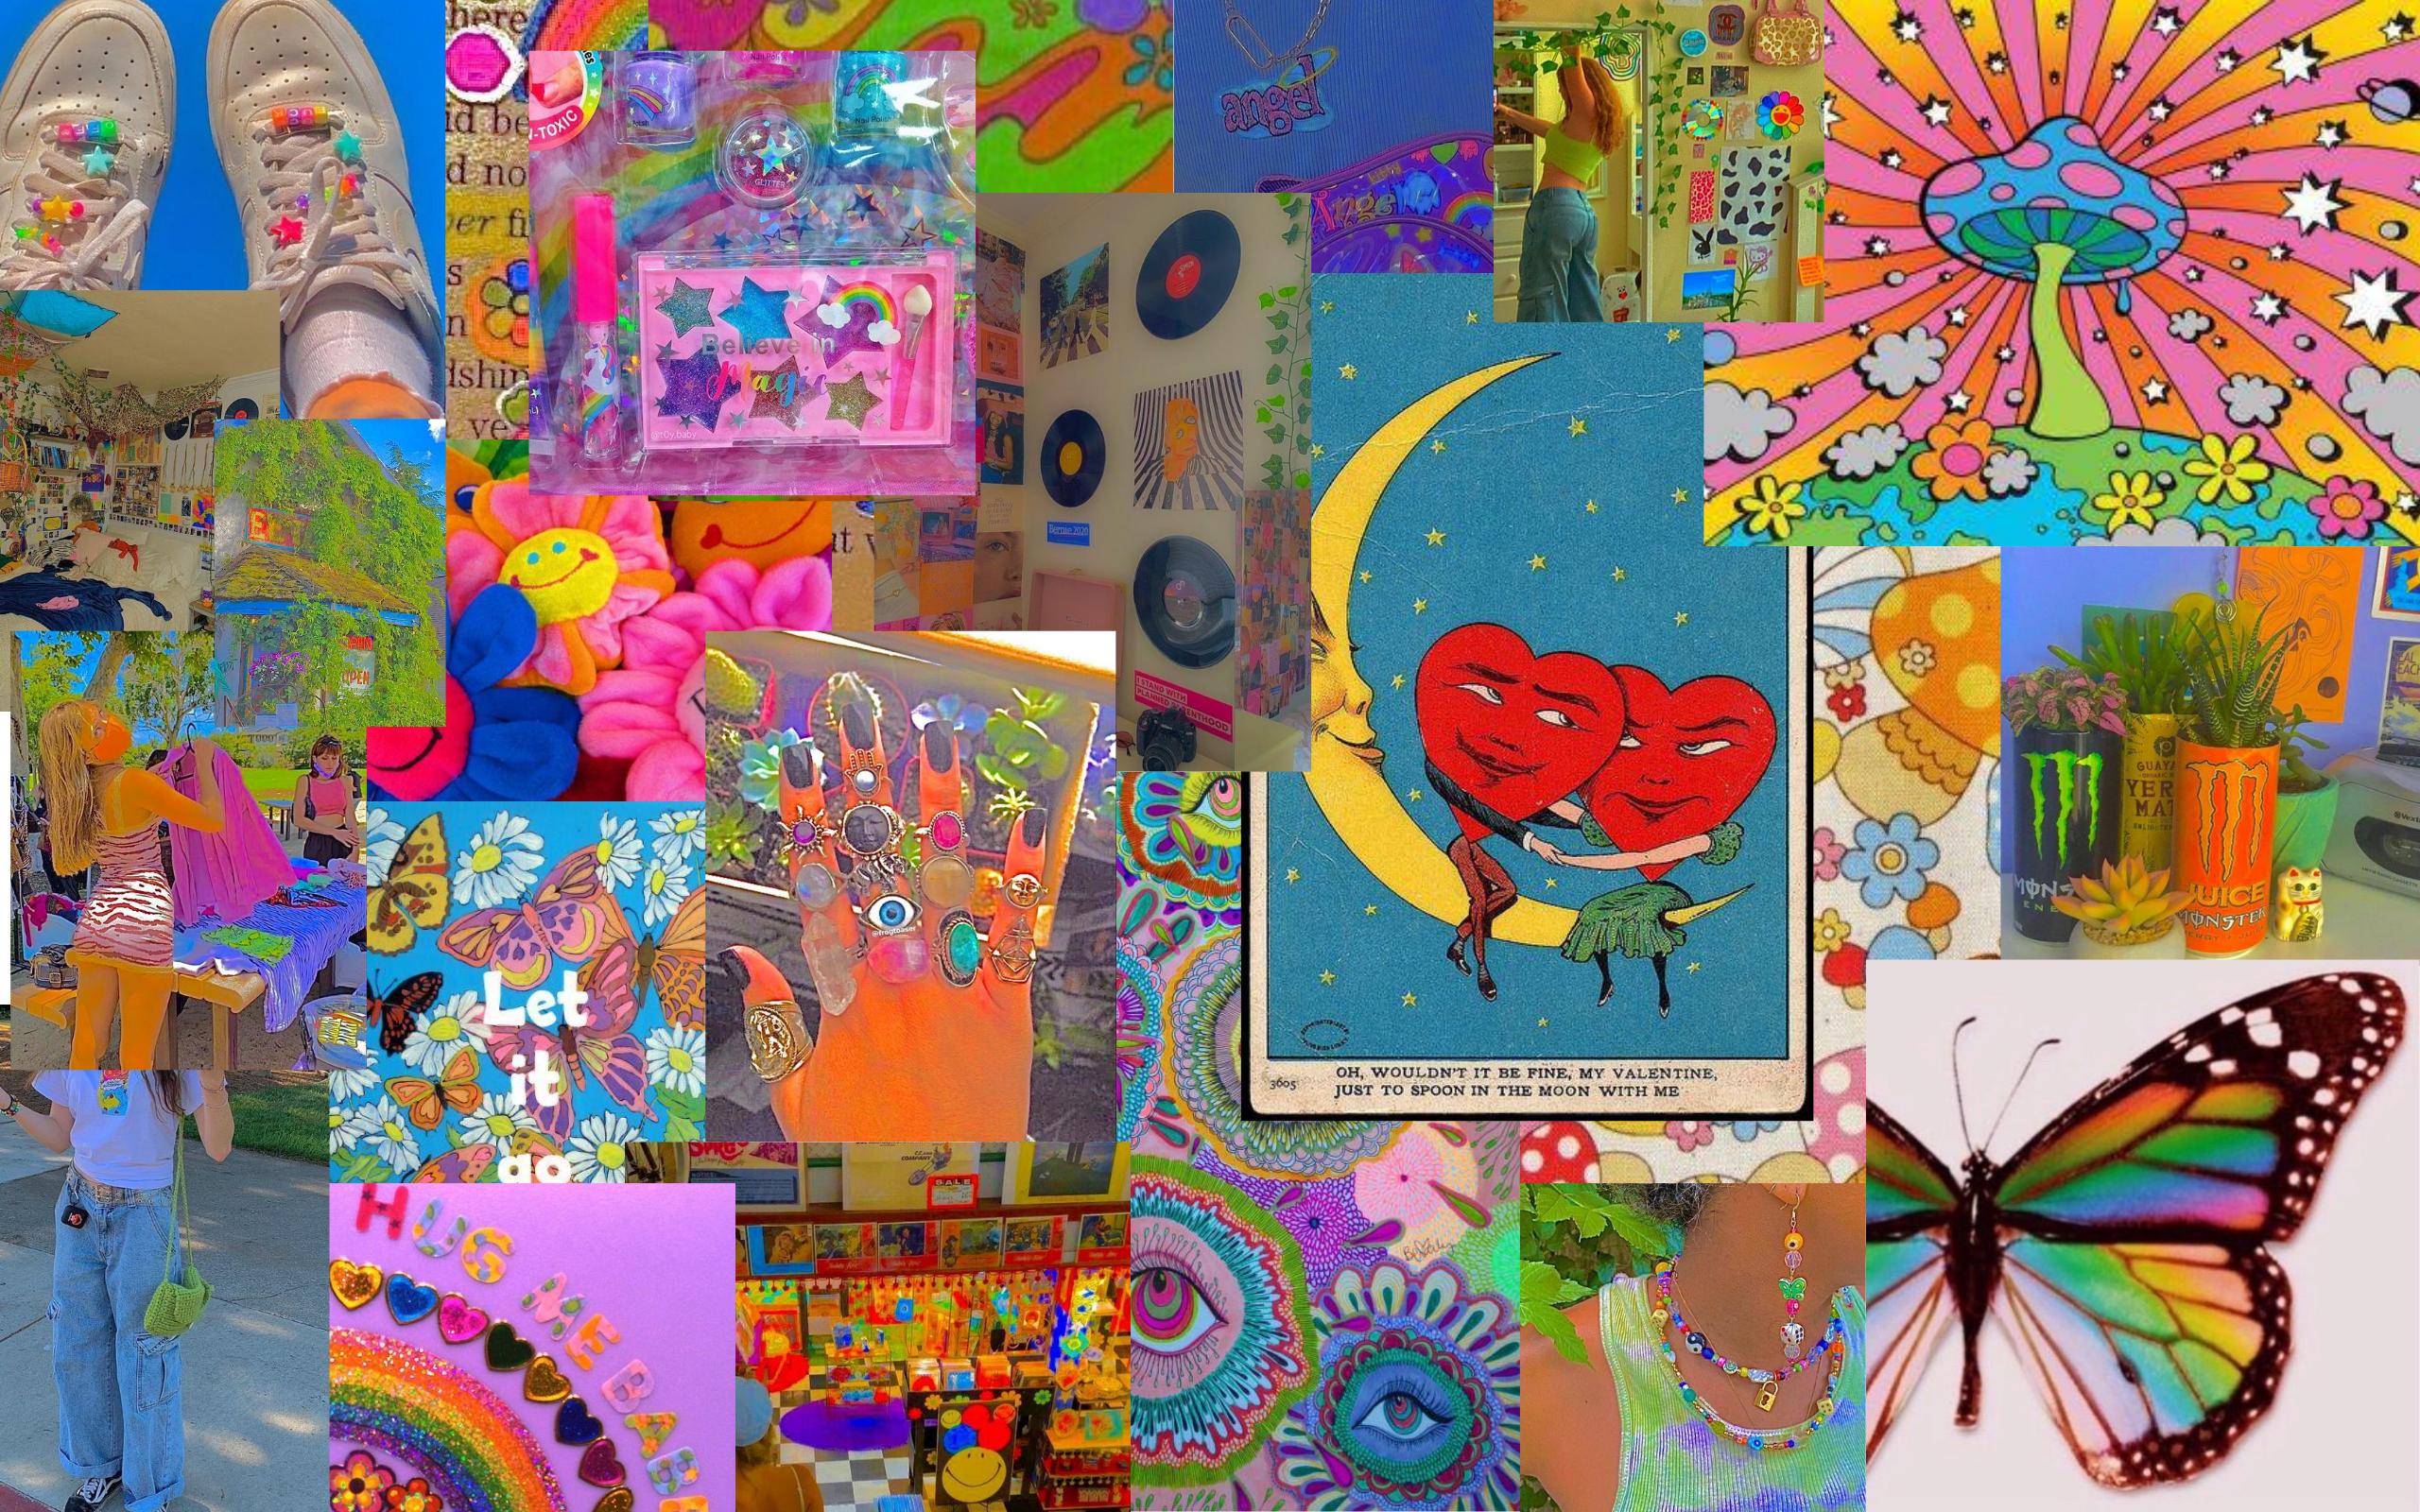 Indie Wallpaper In 2020 Laptop Wallpaper Desktop Wallpapers Macbook Wallpaper Laptop Wallpaper